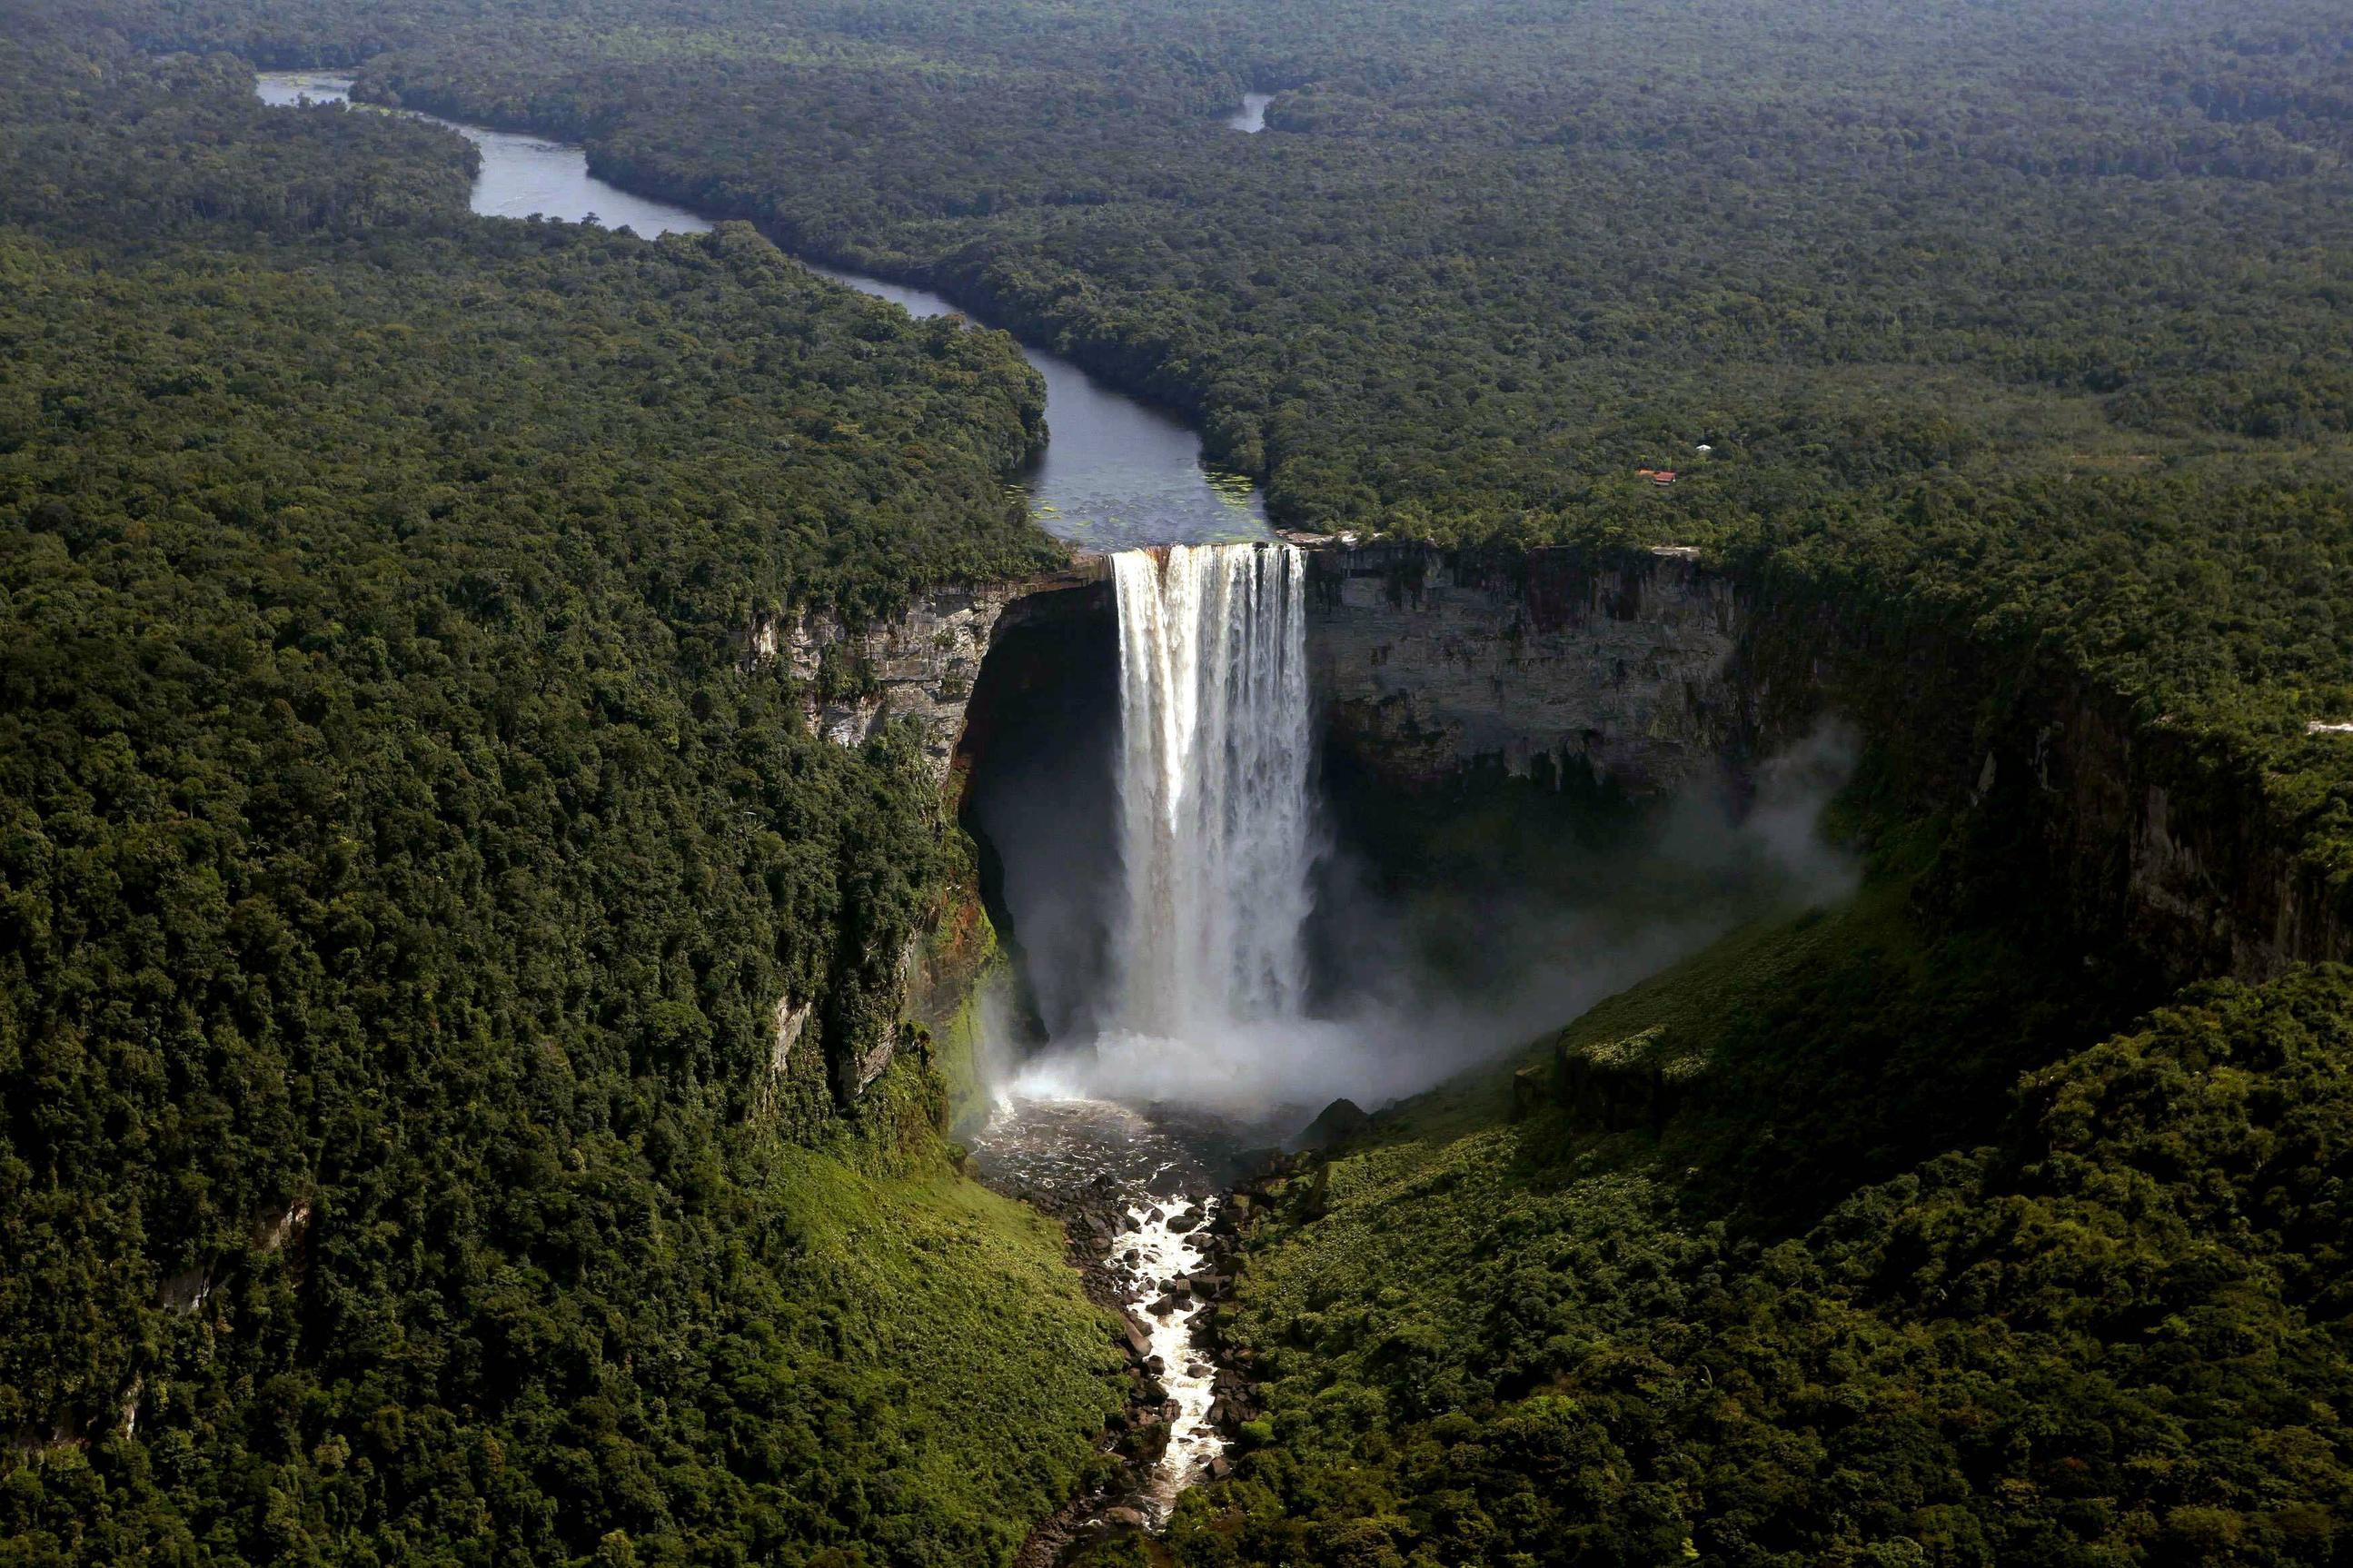 კაიეტური, გაიანა, სასწაული, ჩანჩქერი, სამხრეთ ამერიკა, ლათინური ამერიკა, latin americ, america, south america, waterfall, kaieteur, guyana, amazon, america, canada, earth, essequibo, fall, forest, guyana, kaieteur, niagara, potaro, qwelly, river, victoria, waterfall, world, ამაზონი, ამერიკა, დედამიწა, ესეკიბო, ვიქტორია, კაიეტური, გაიანის სასწაული, მდინარე, მსოფლიო, ნიაგარა, პოტარო, ტყე, ჩანჩქერი, წყალუხვი